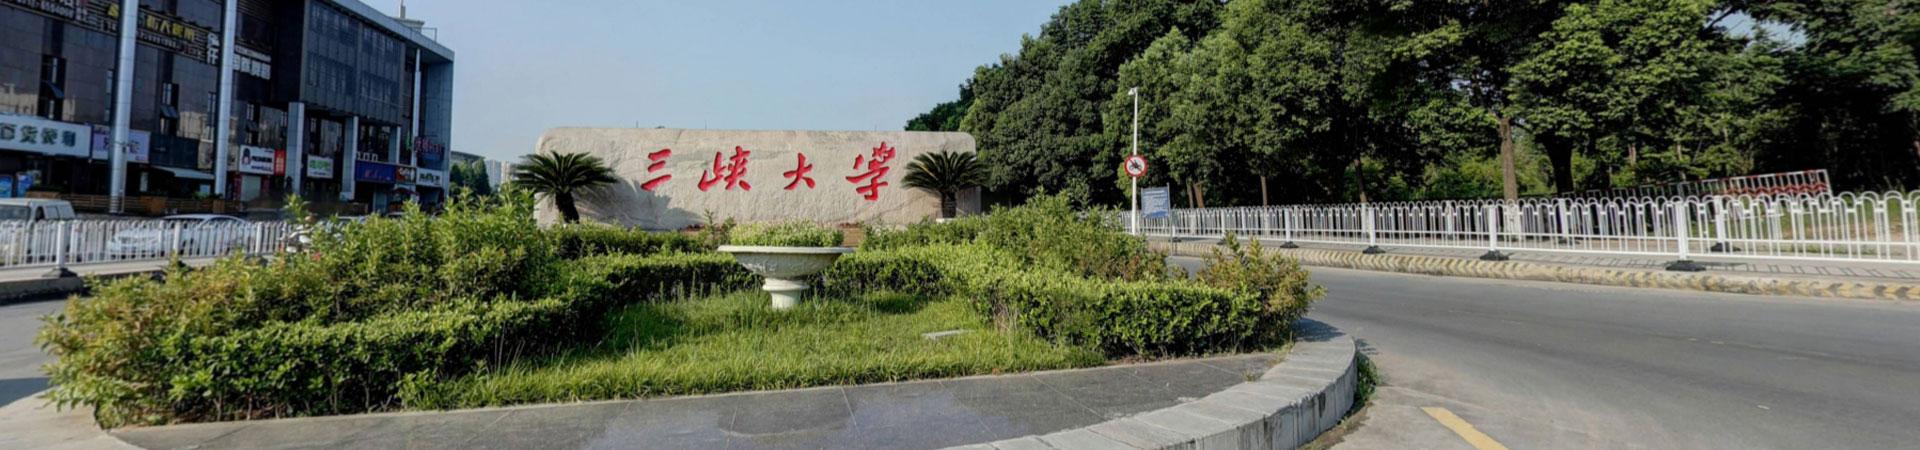 三峡大学干部培训